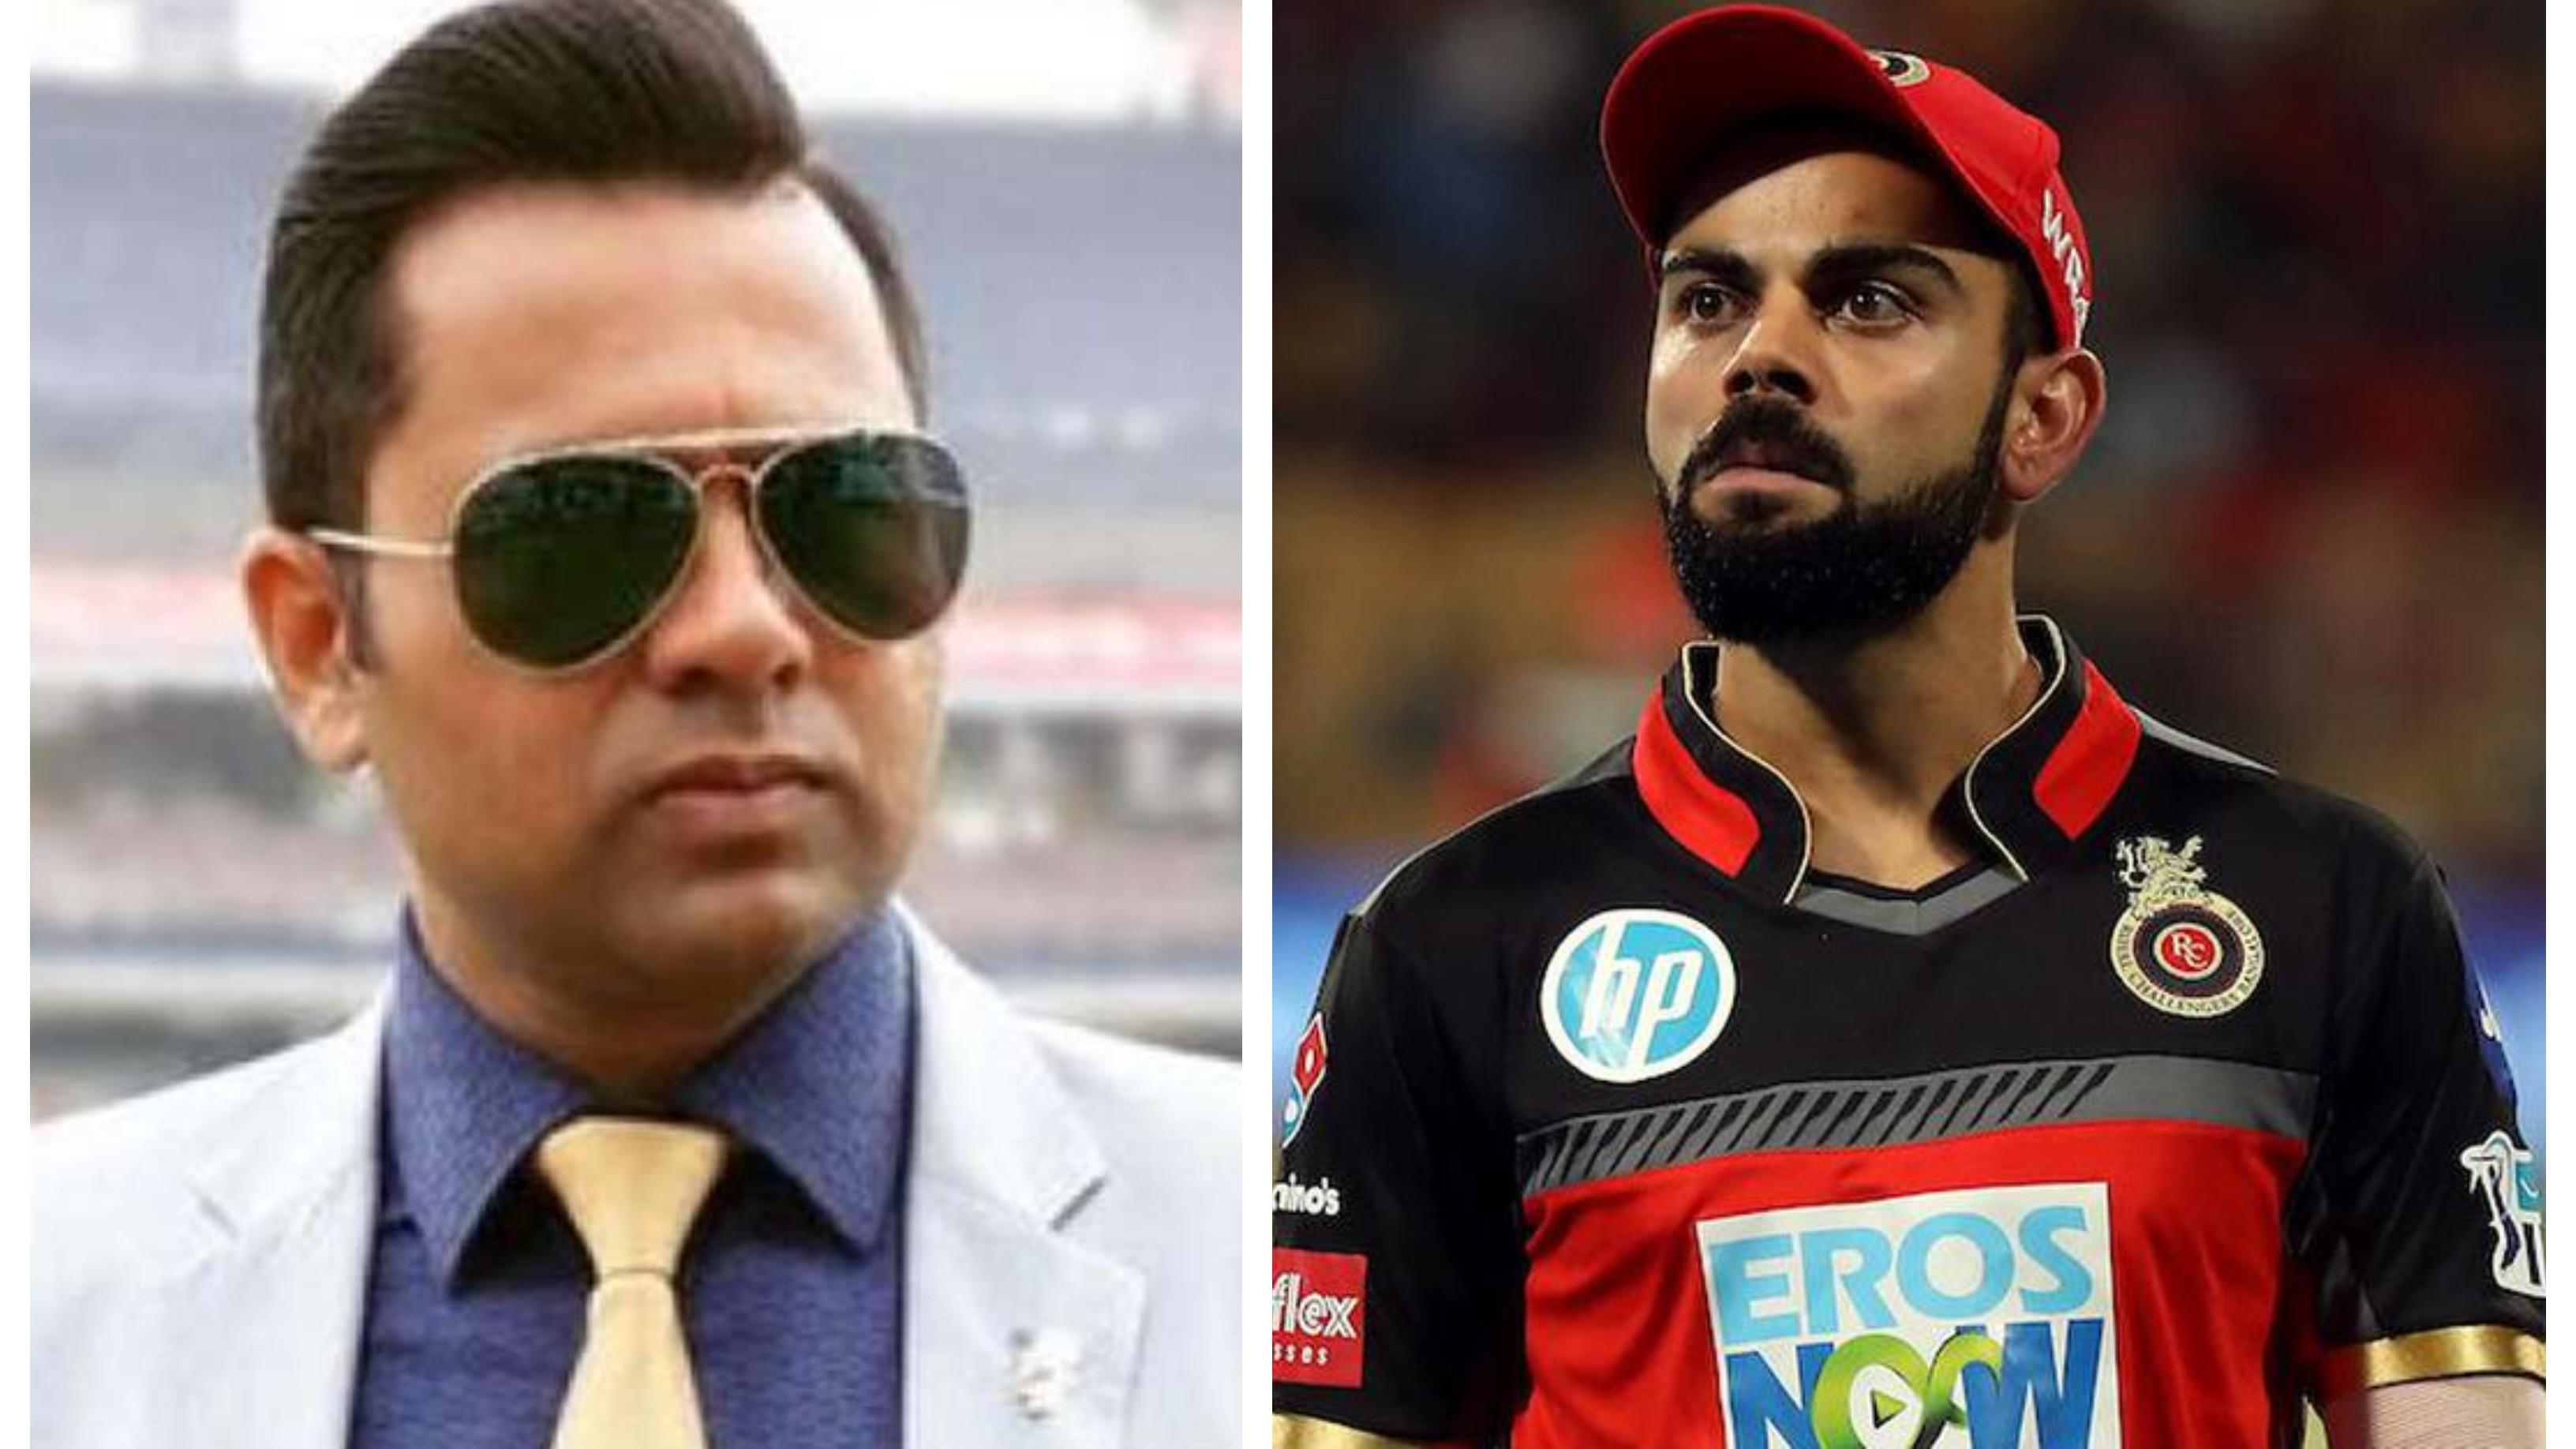 Aakash Chopra weighs in over Virat Kohli's lacklustre showing as RCB skipper